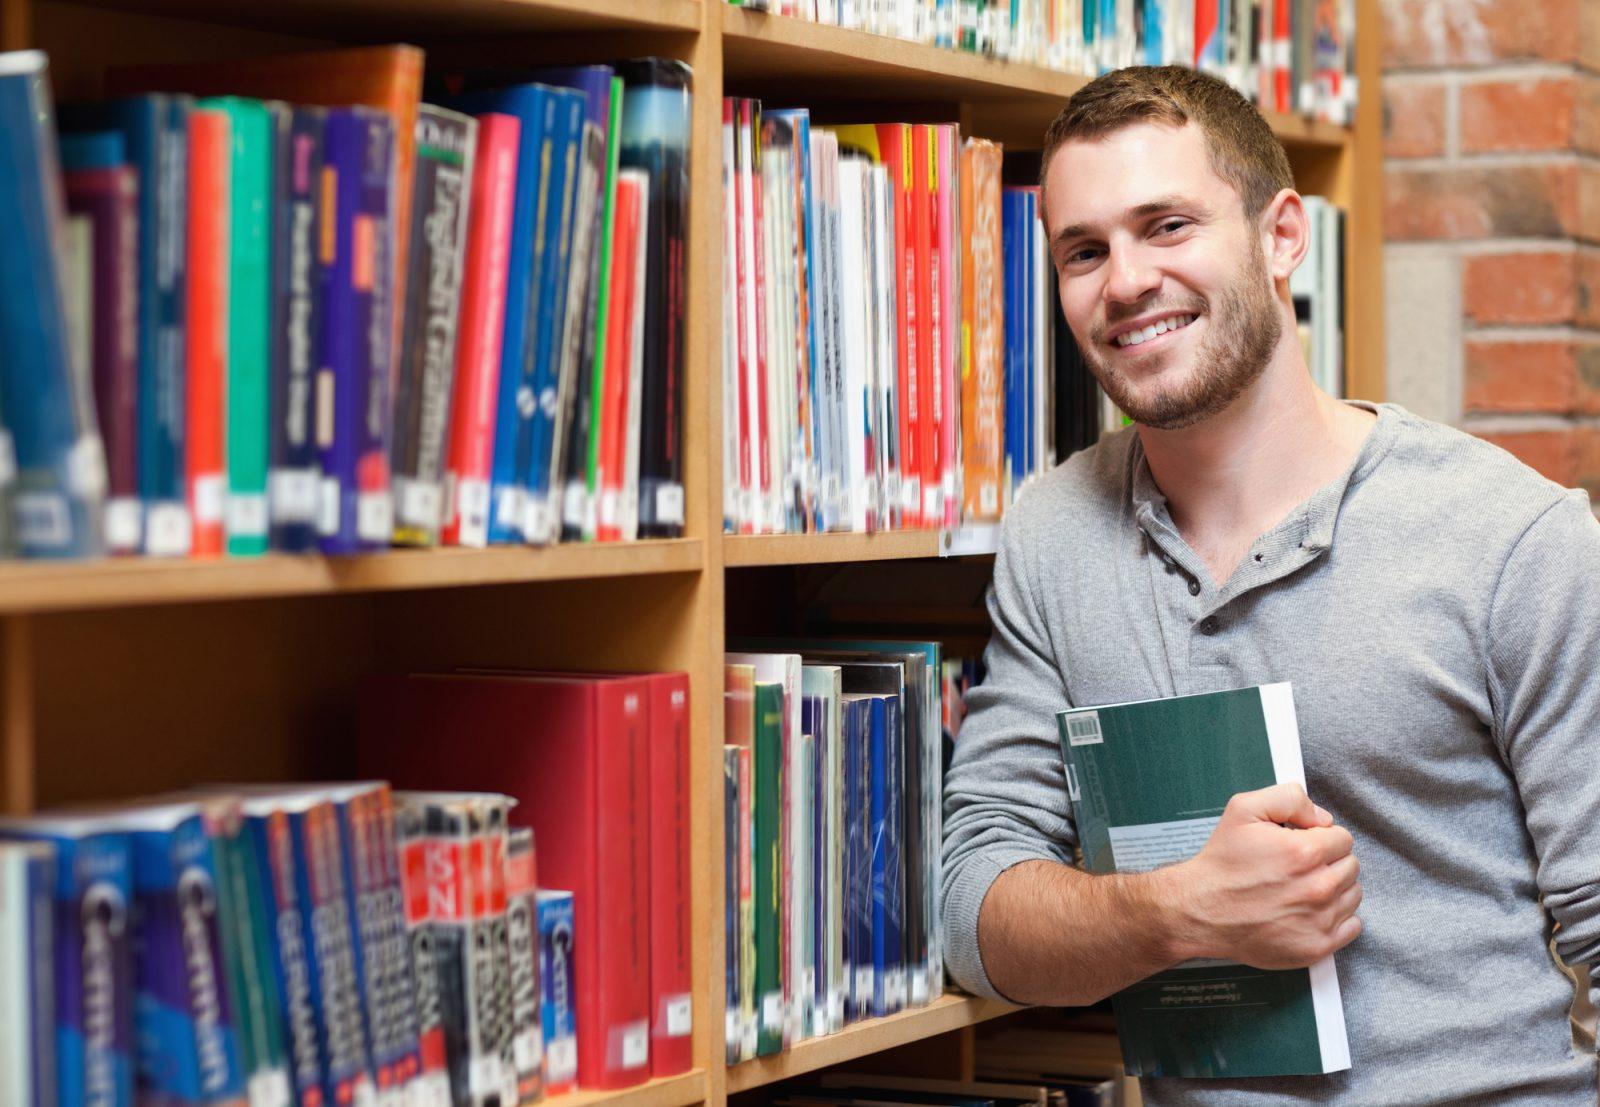 איך להוציא את המיטב ממאמרים אקדמיים בשפה האנגלית